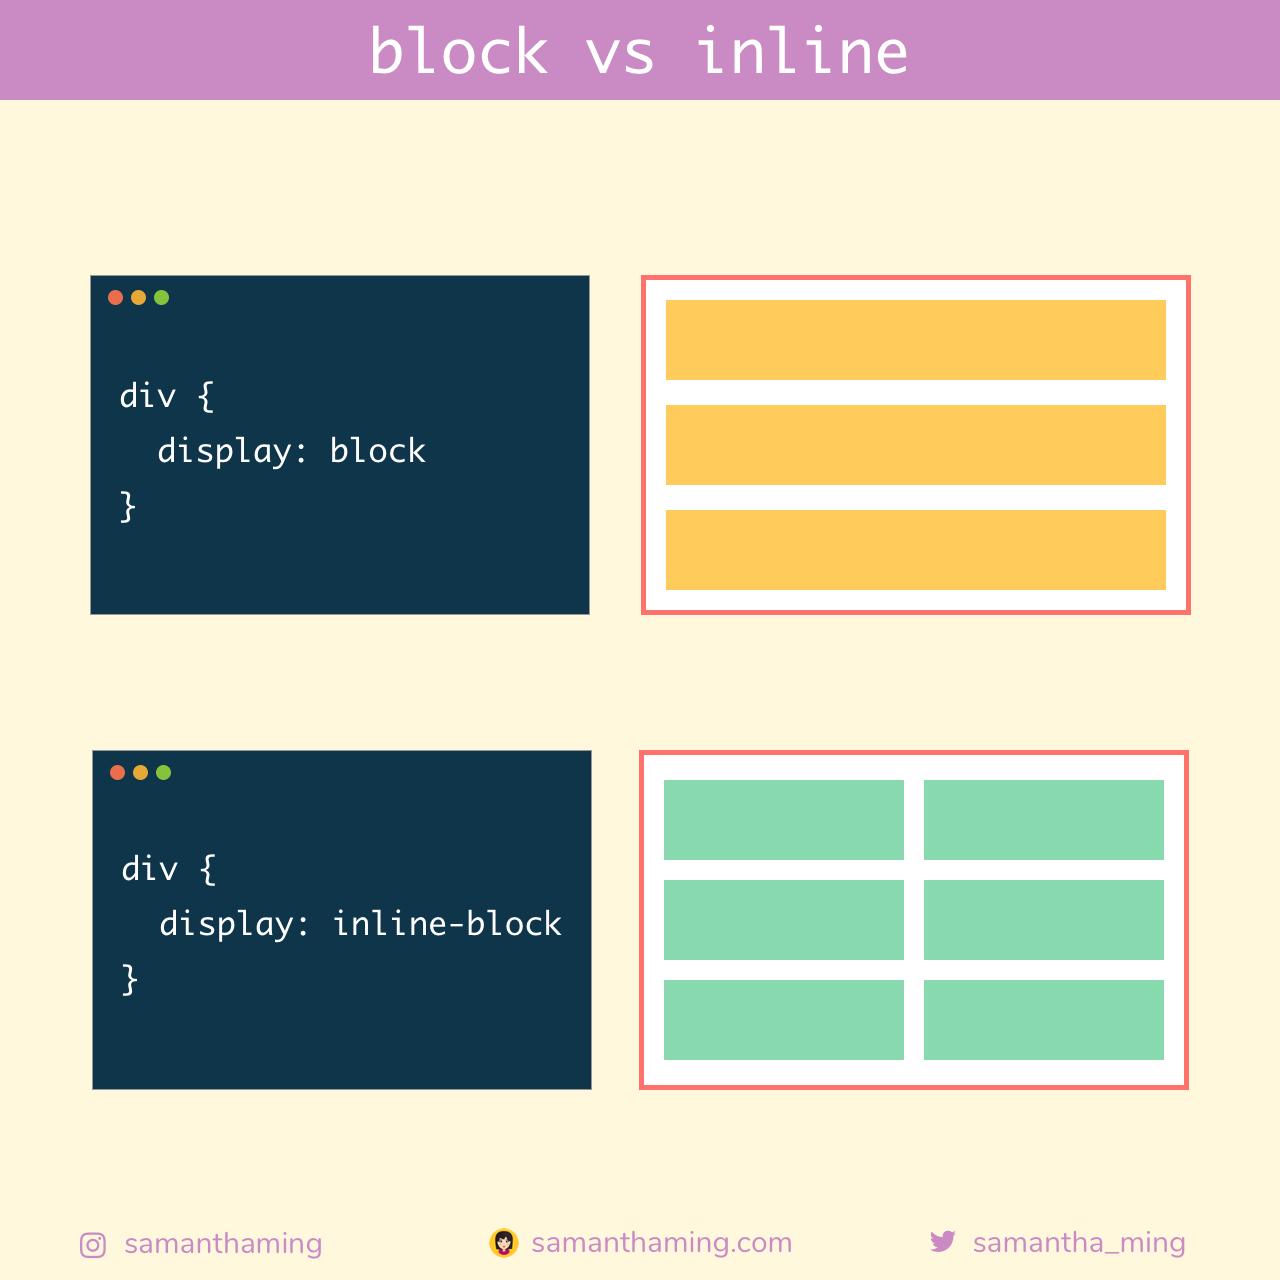 block vs inline